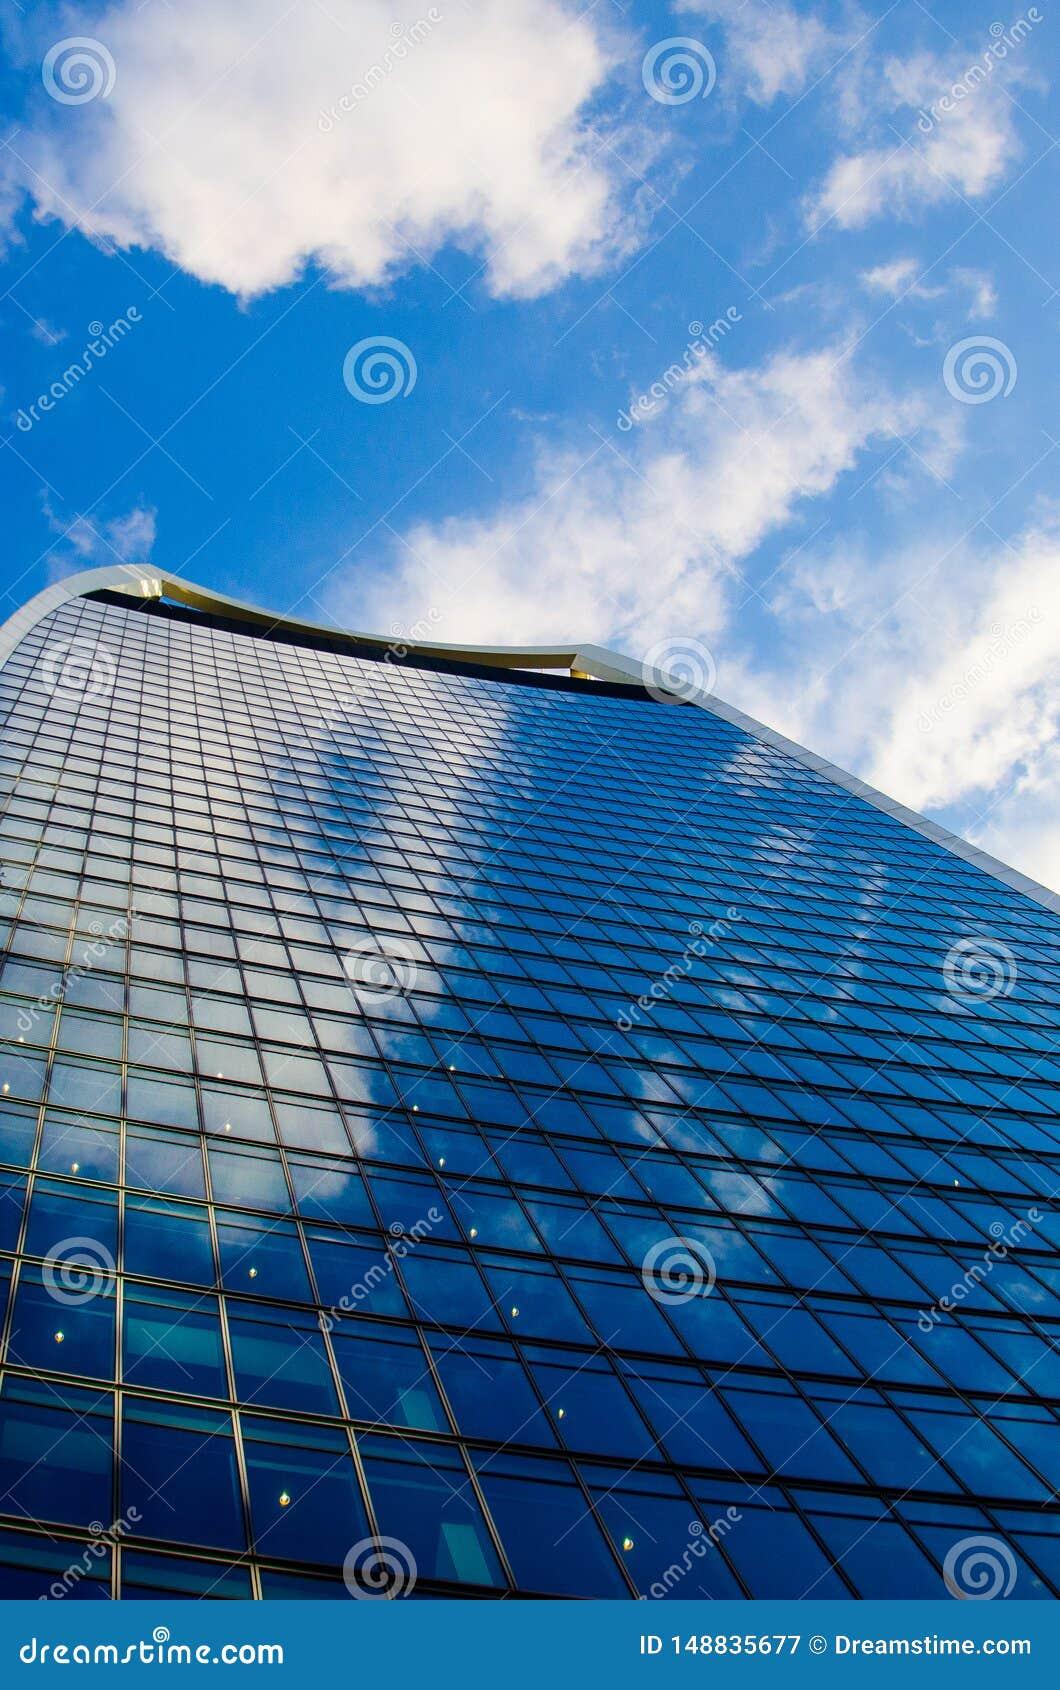 London Architecture - Buildings - color blue